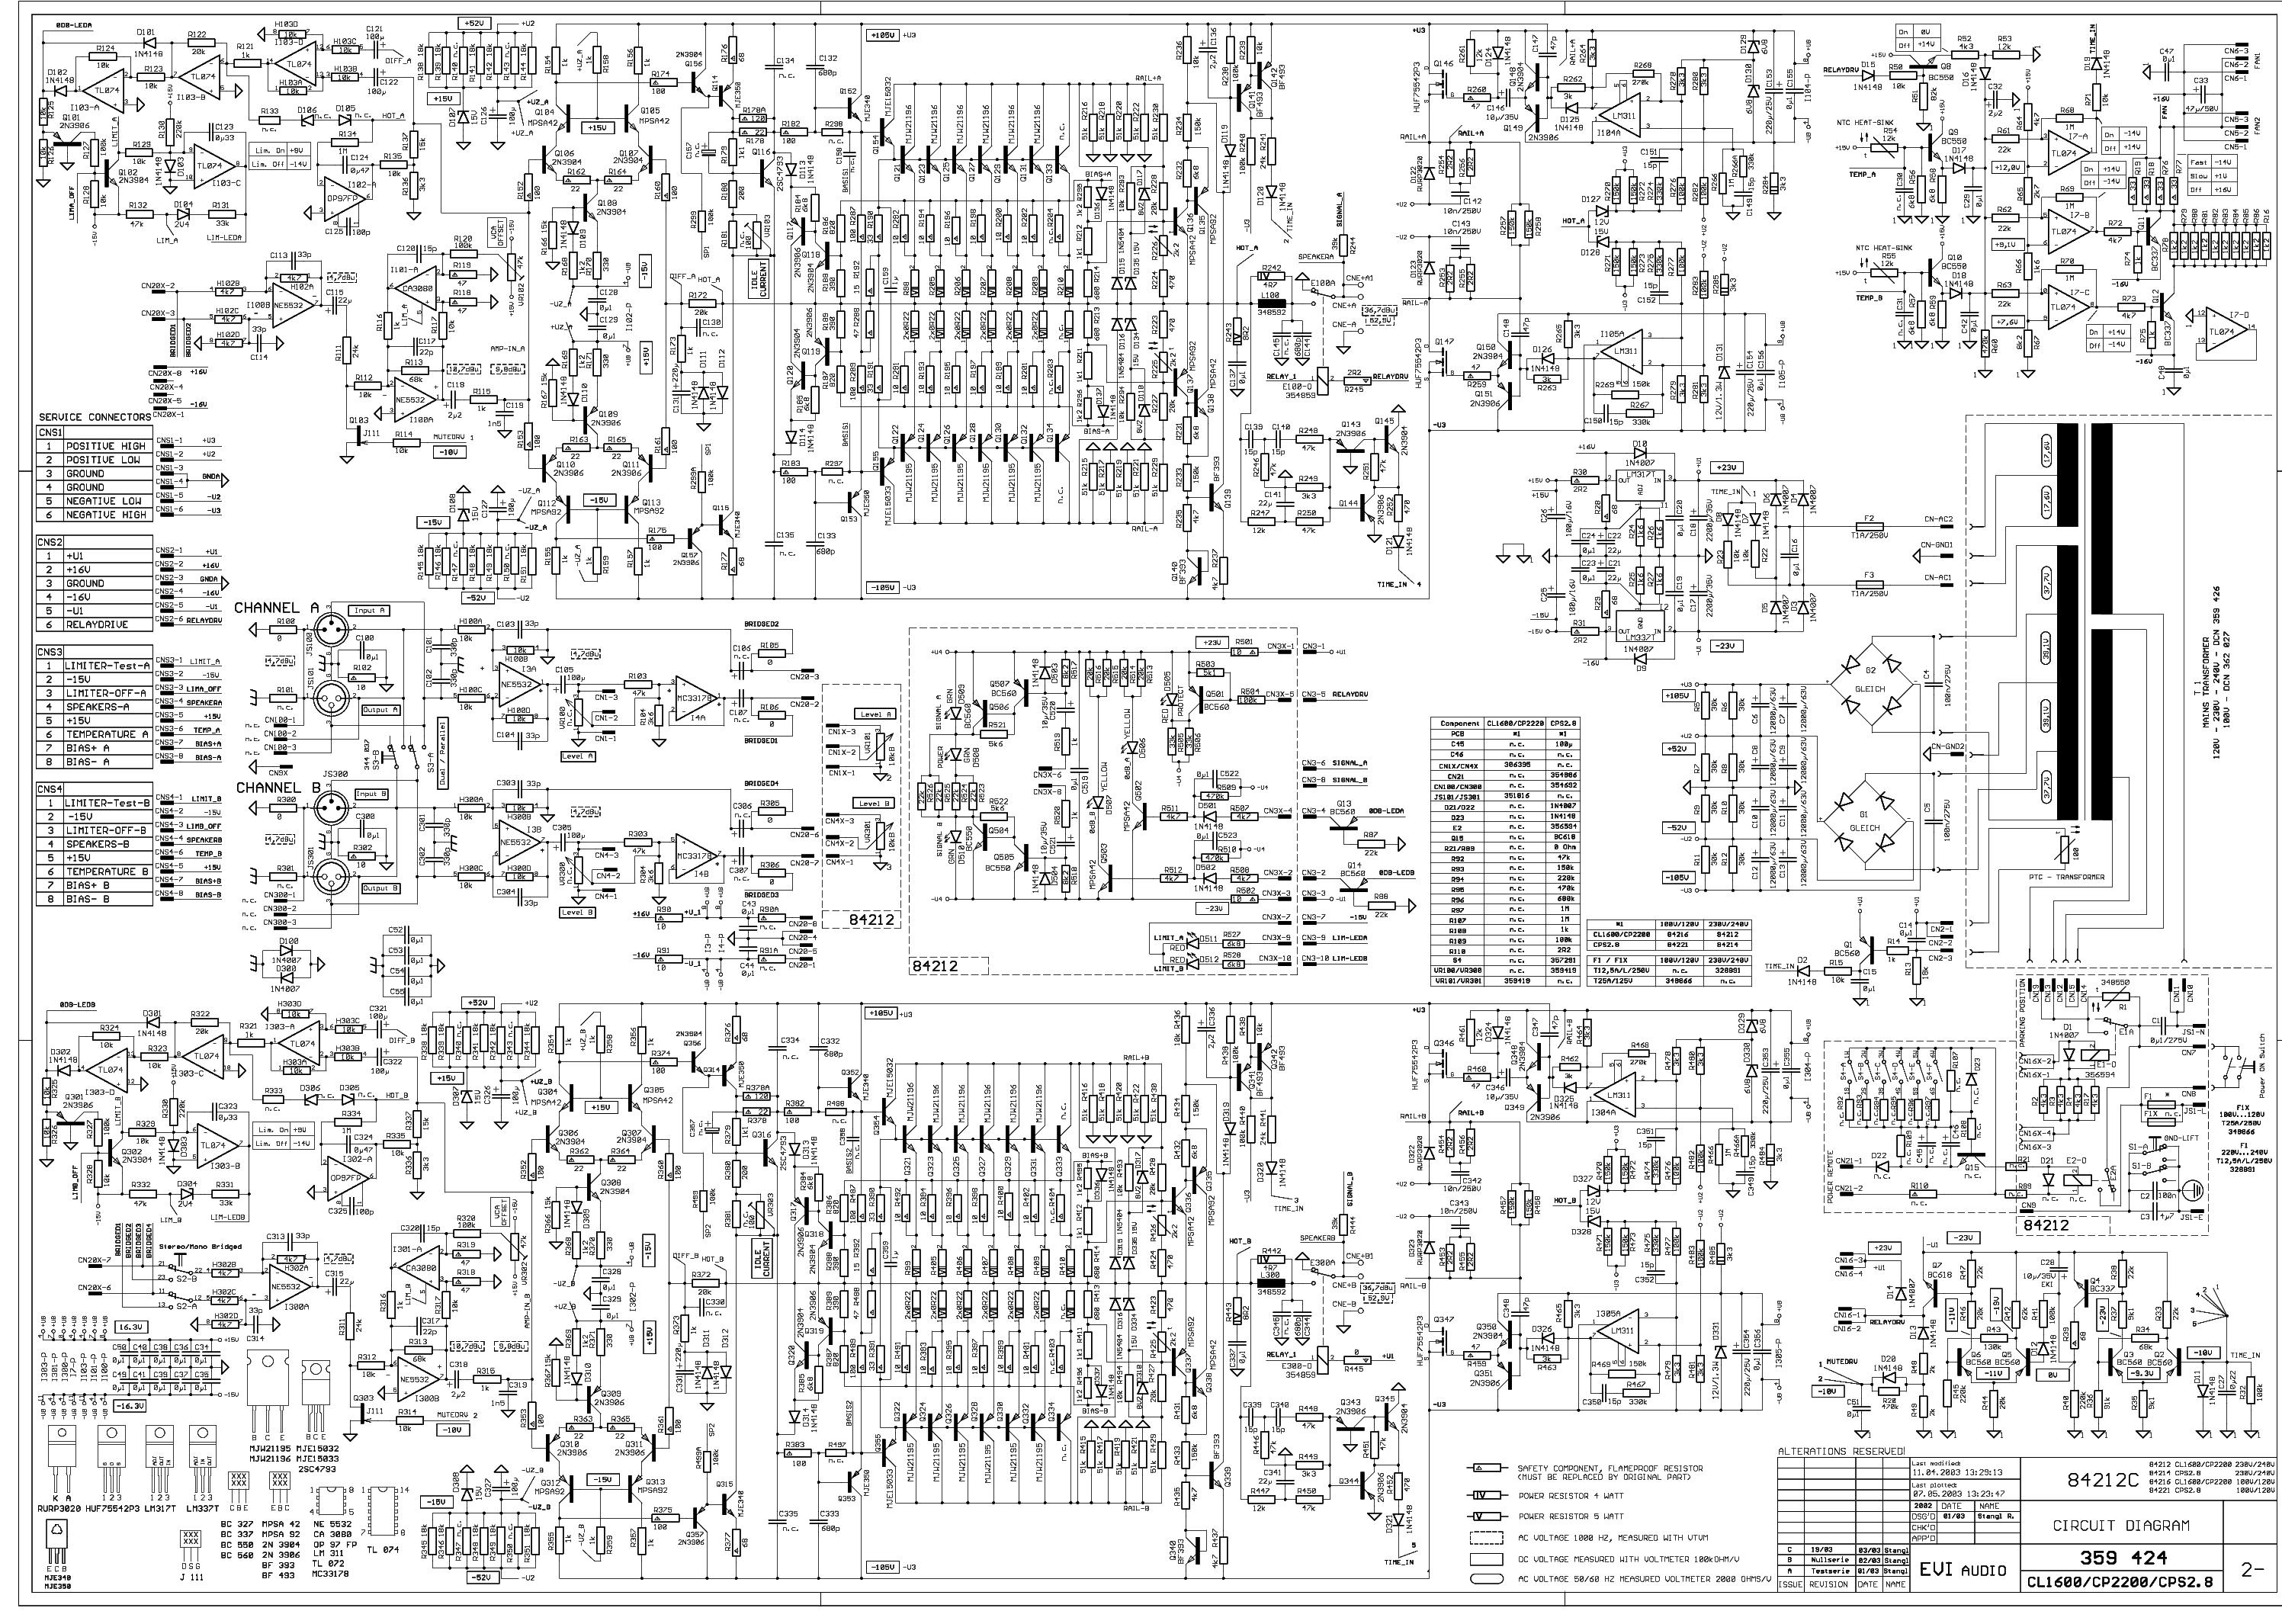 dynacord powermate 600 service manual